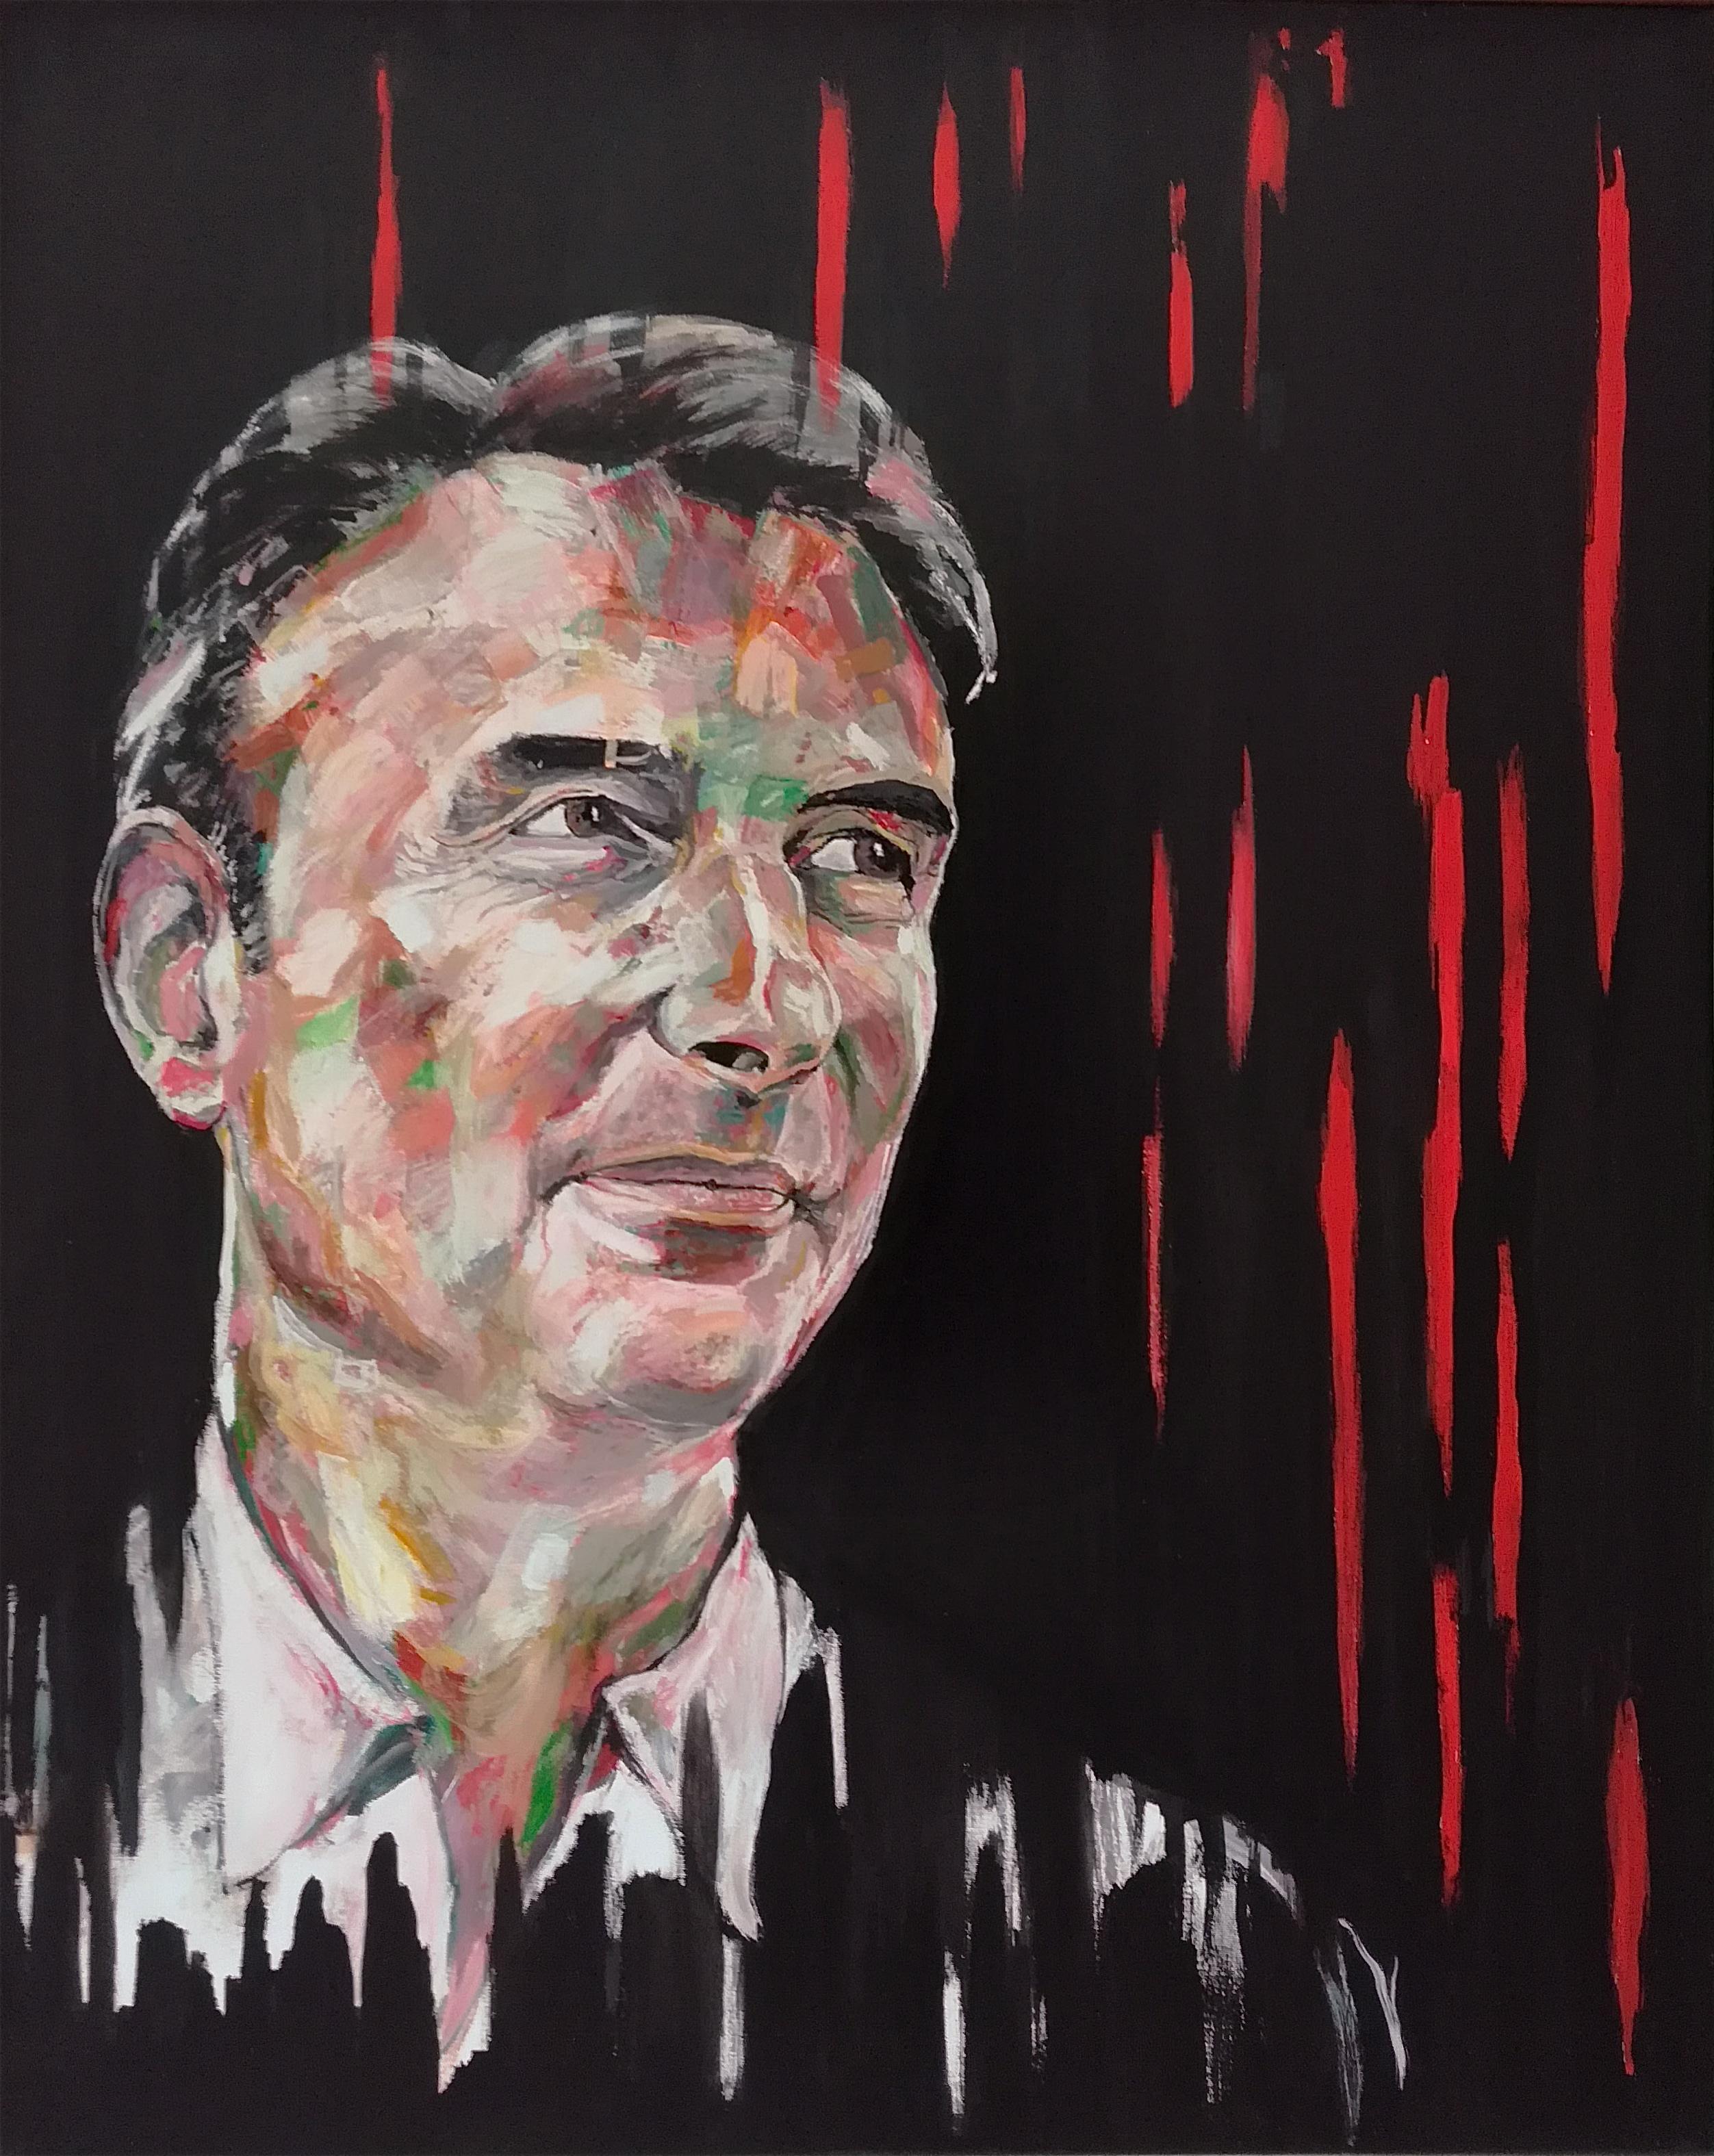 Portrait de J-C.G sur fond noir, par Stanmac 2018. Peinture acrylique.